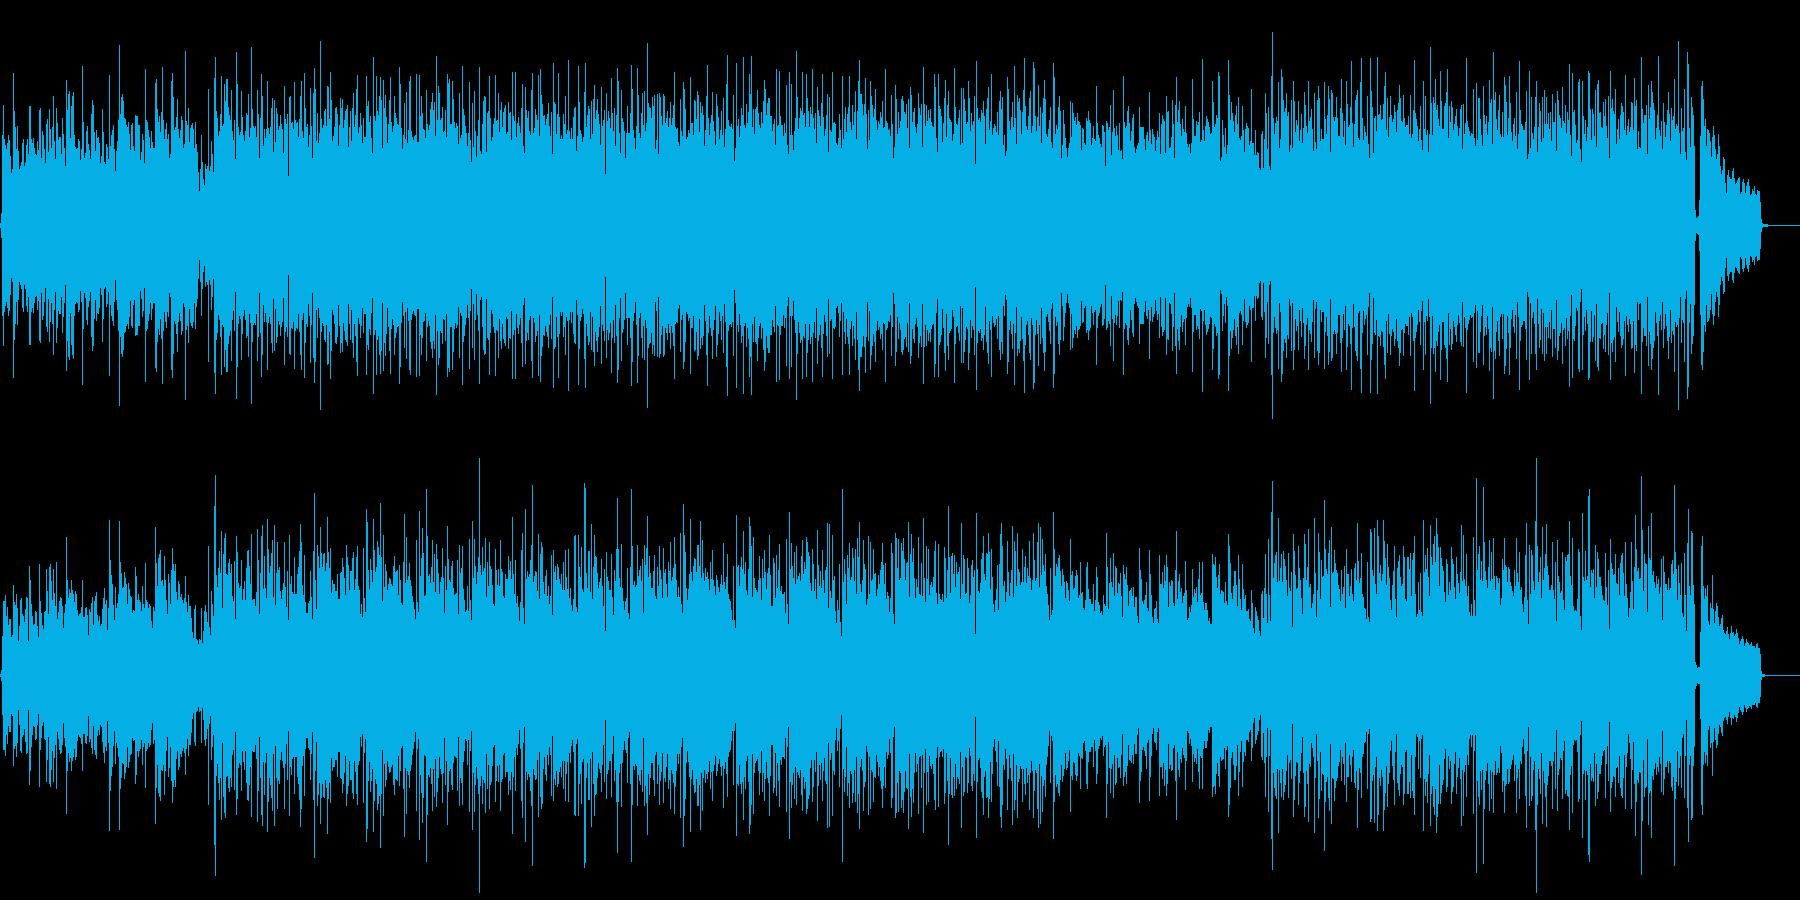 クールで大人な雰囲気のR&B/ピアノの再生済みの波形